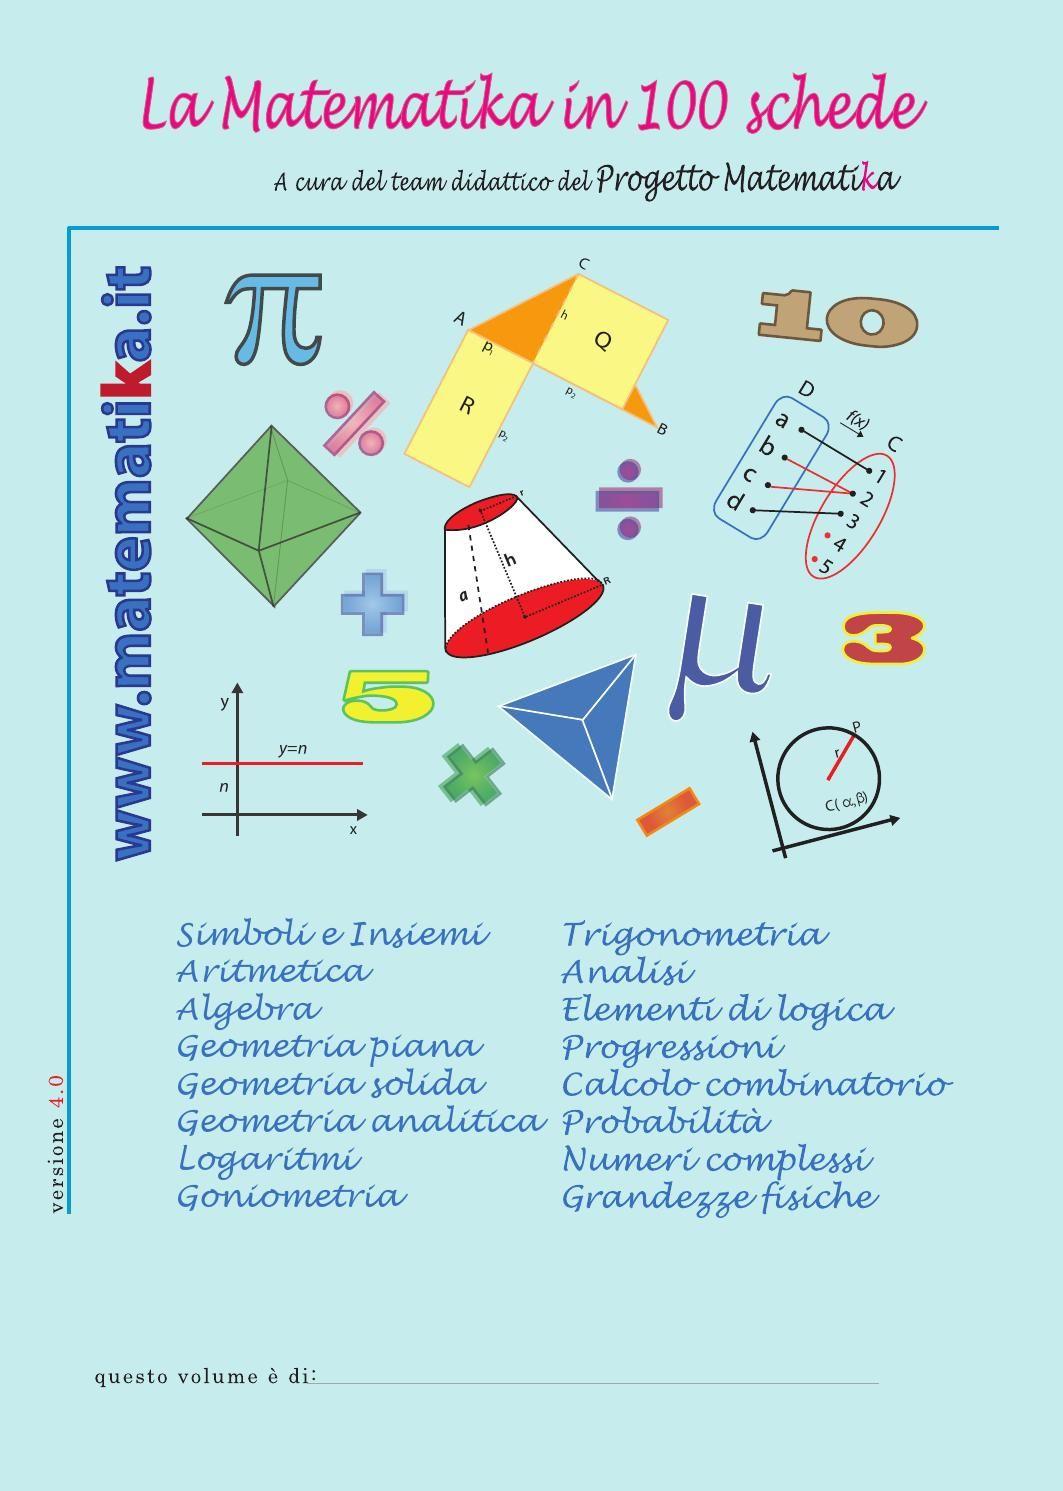 ISSUU - La Matematika in 100 schede - versione 4.0 di Progetto matematika